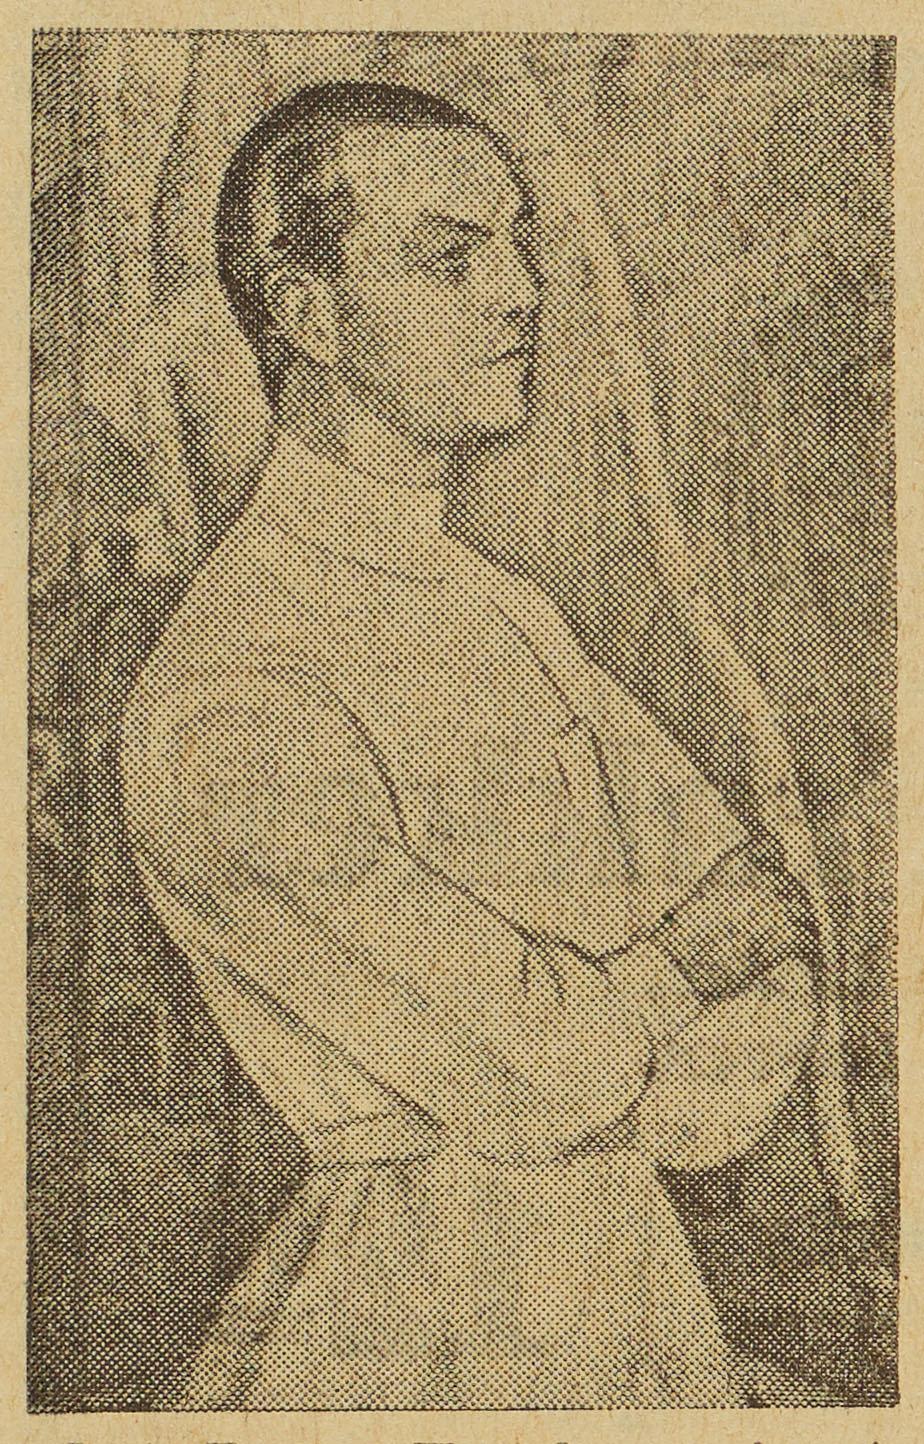 Prof. Kurt v. Warnekros, malet                             af Gerda Wegener.